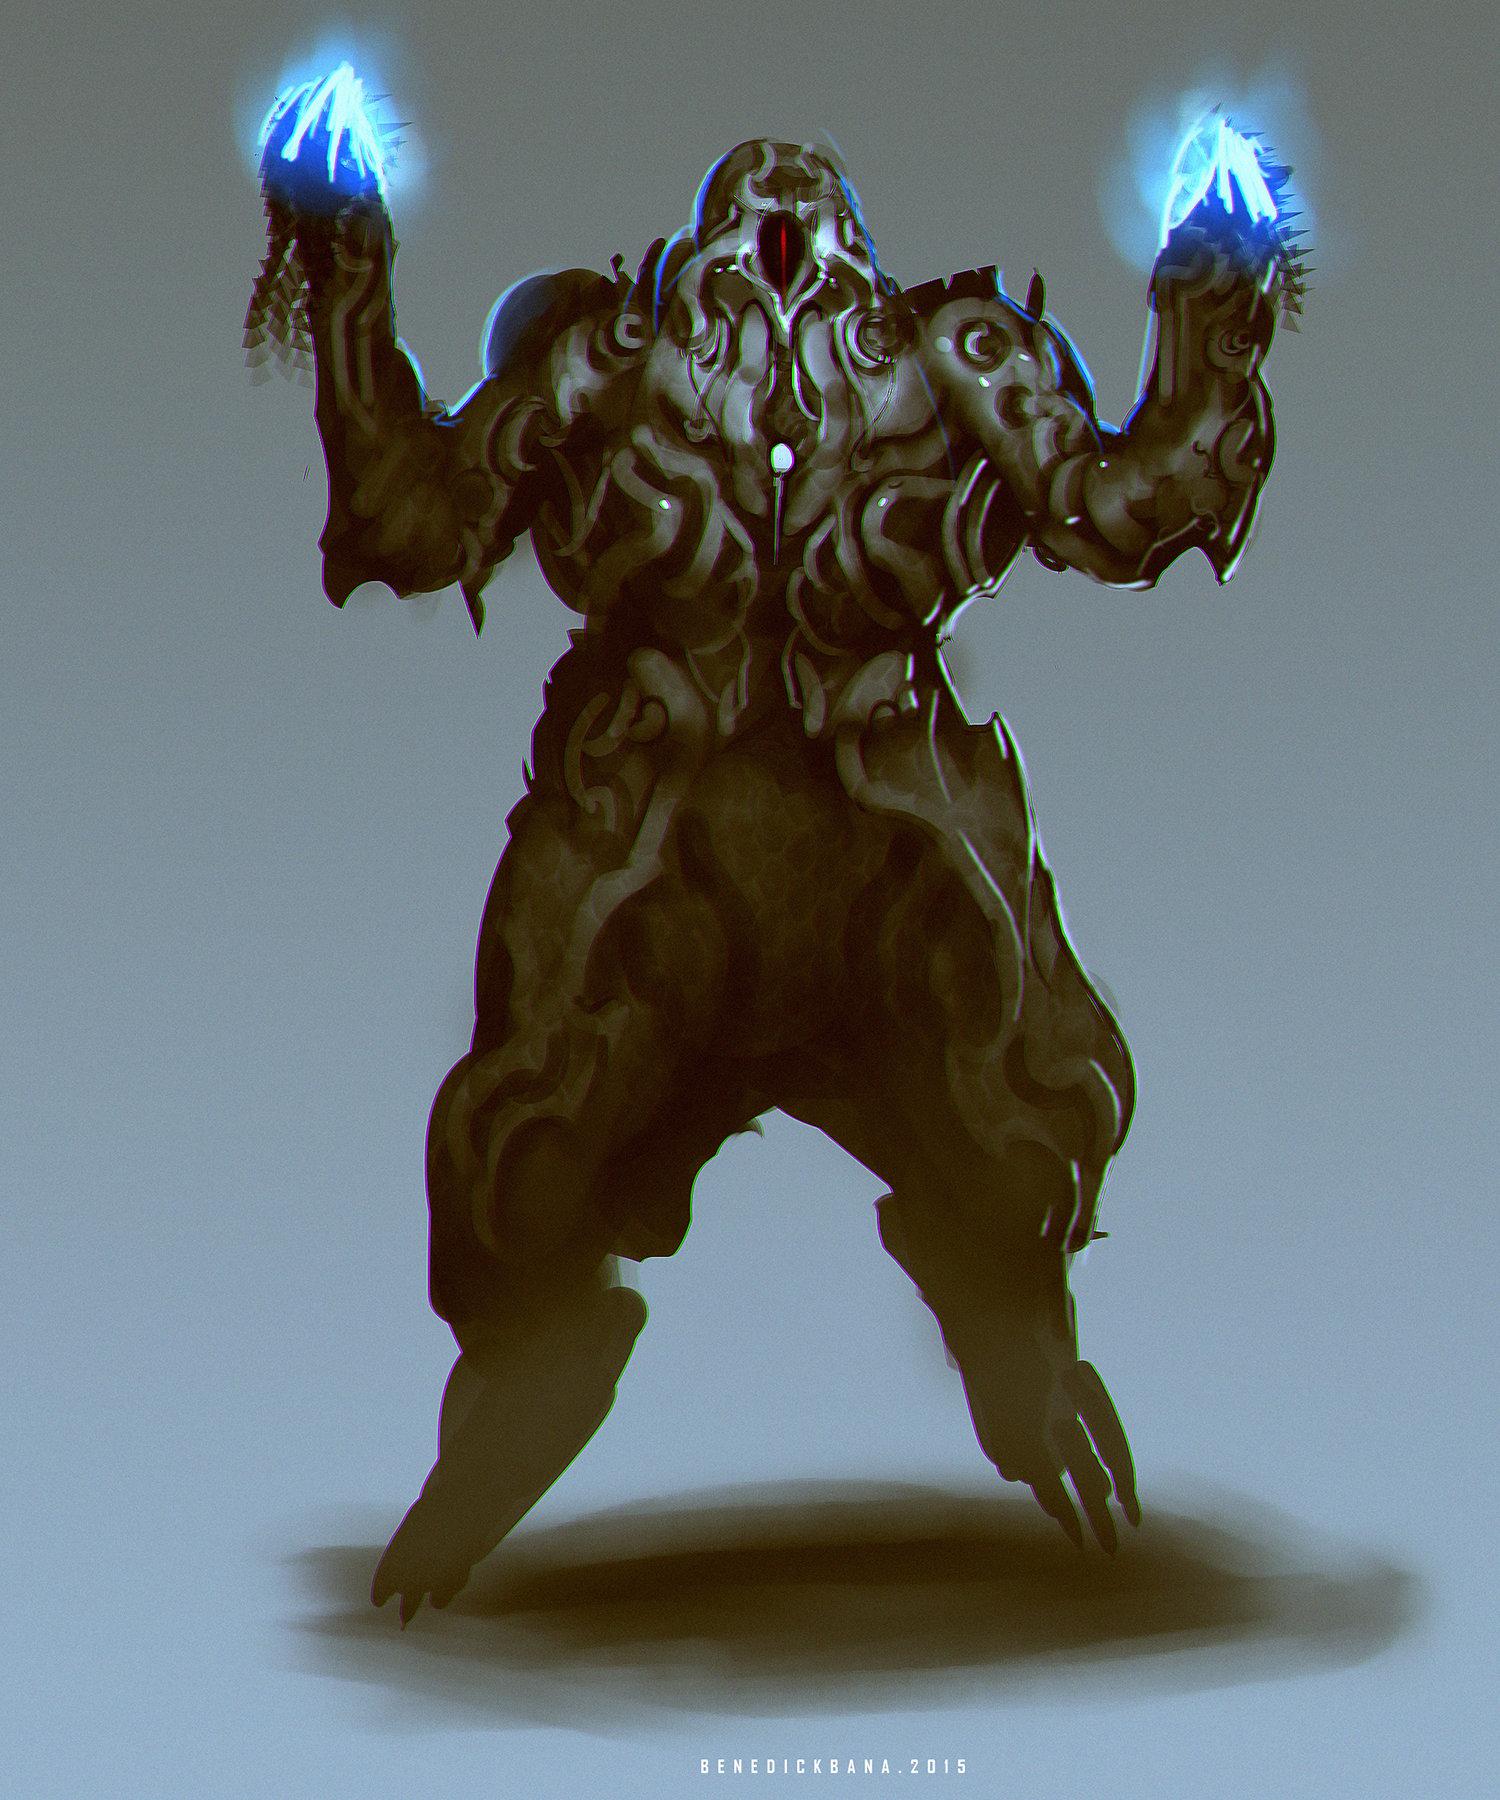 Benedick bana demon dantalion lores